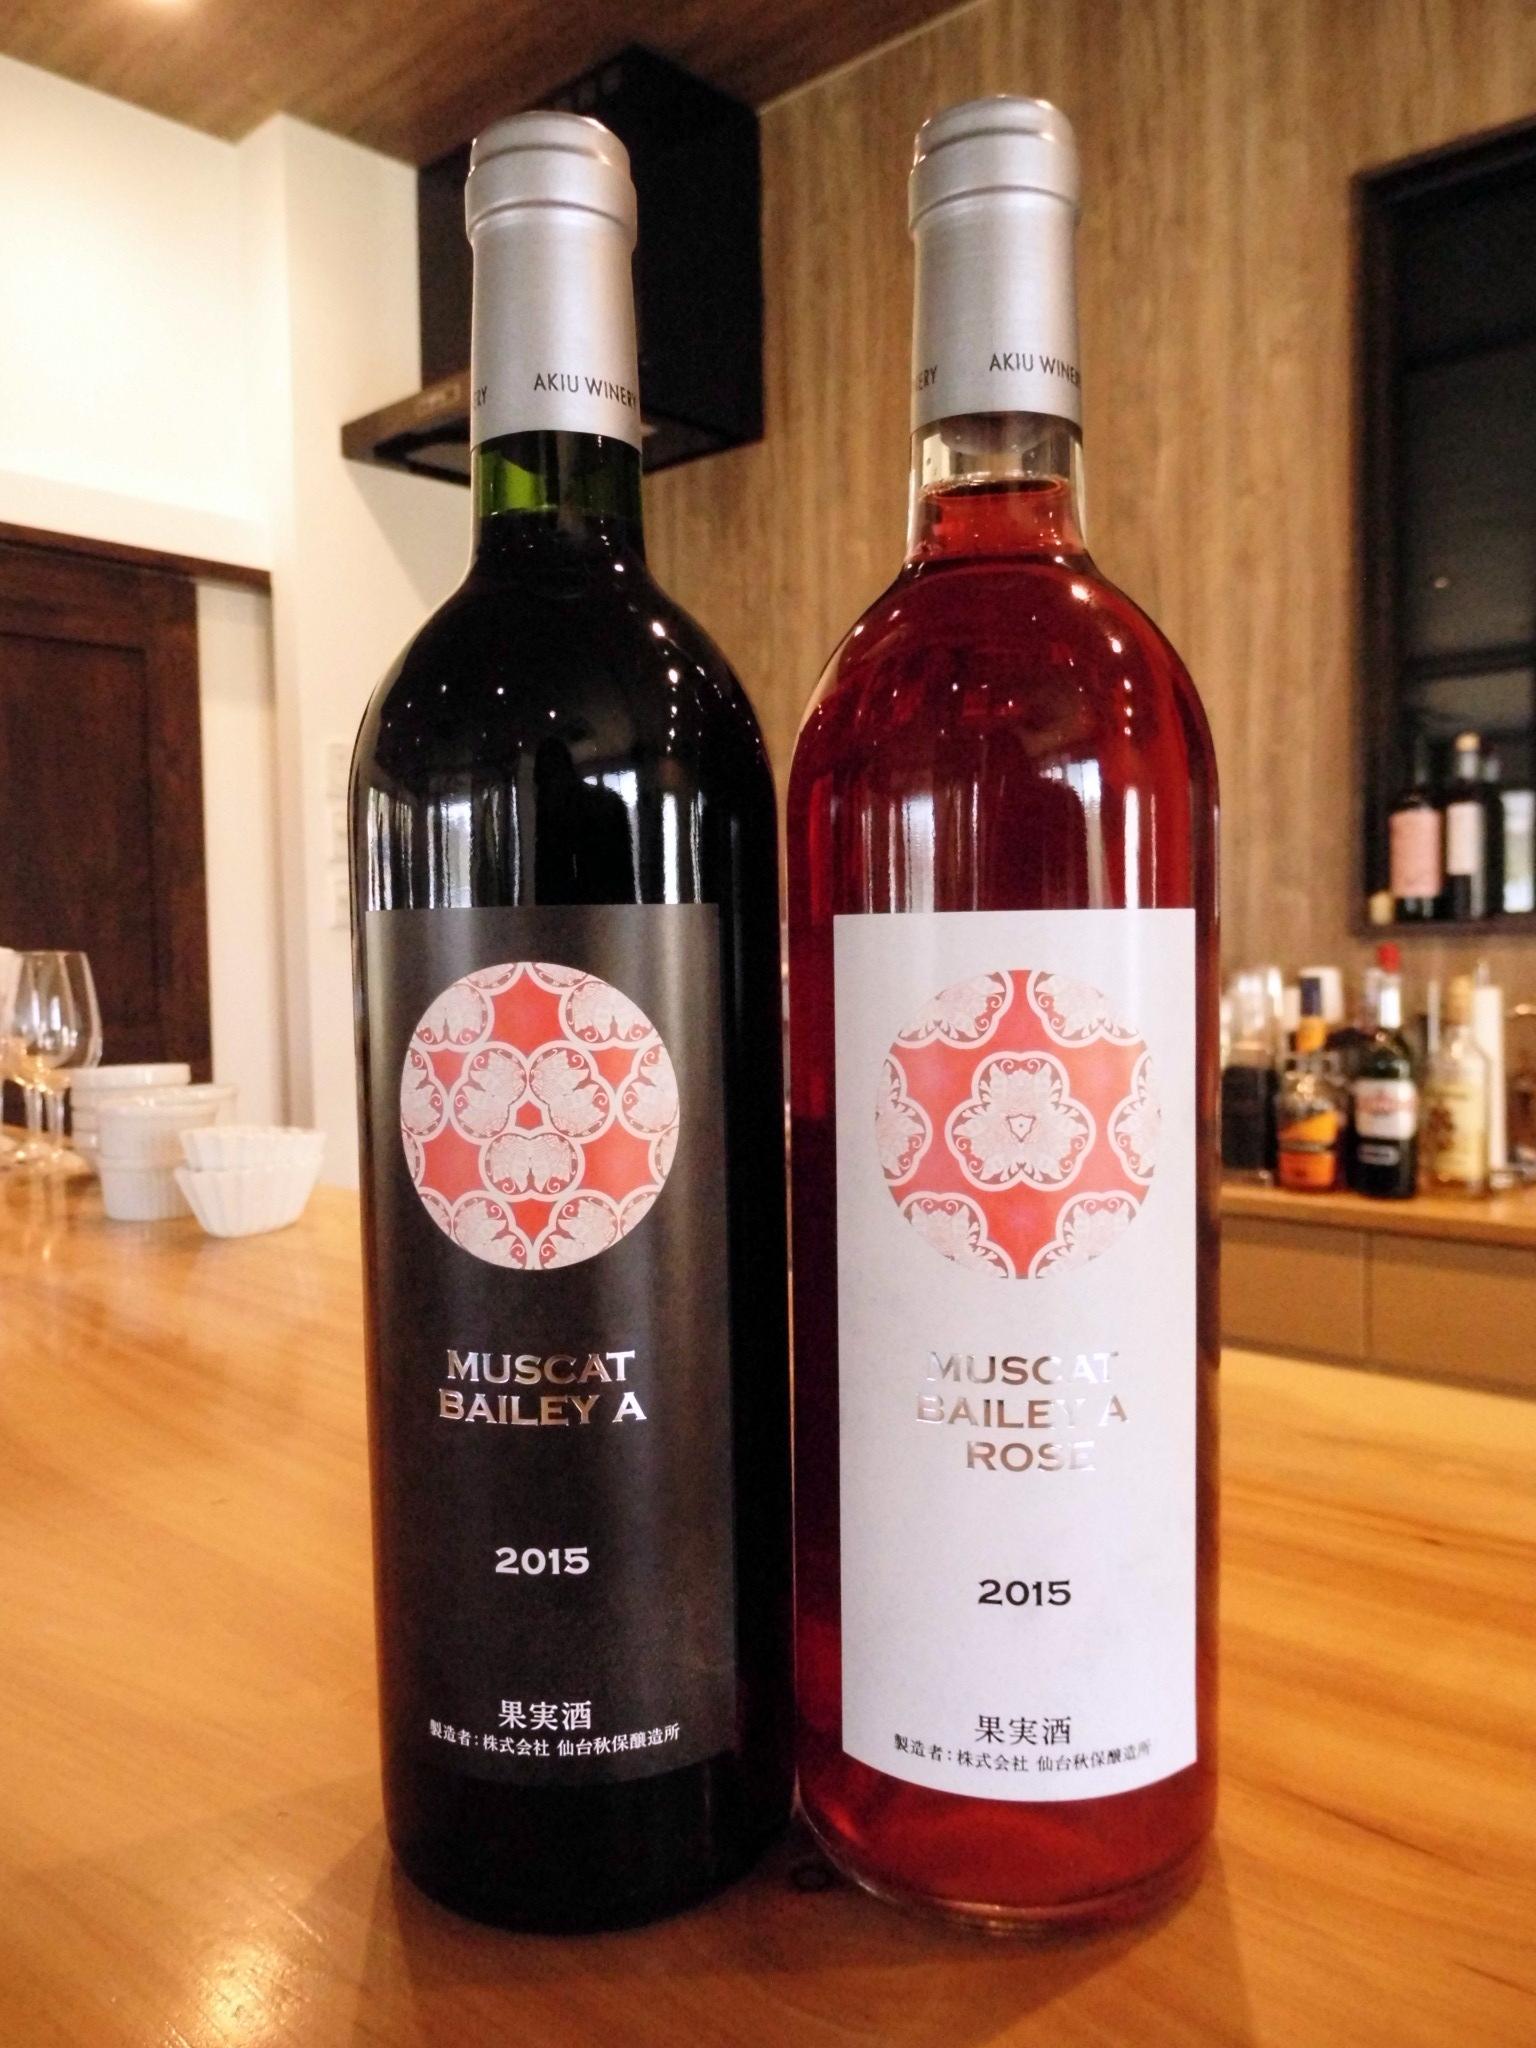 【仙台ふららん】秋保ワイナリーへようこそ!ワイン・軽食付き